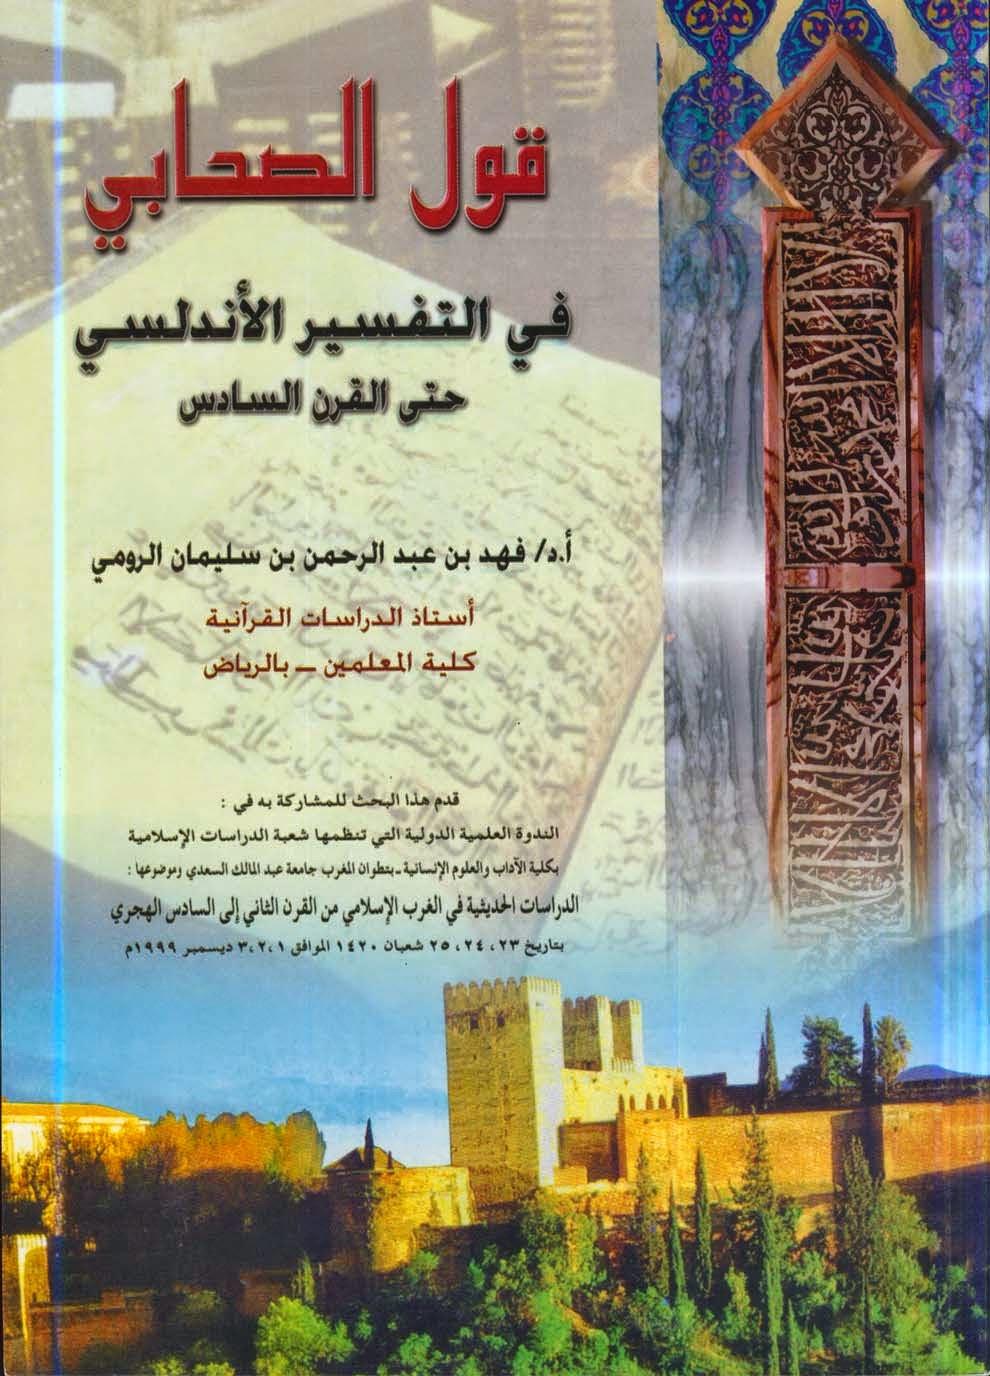 قول الصحابي في التفسير الأندلسي حتى القرن السادس - فهد الرومي pdf